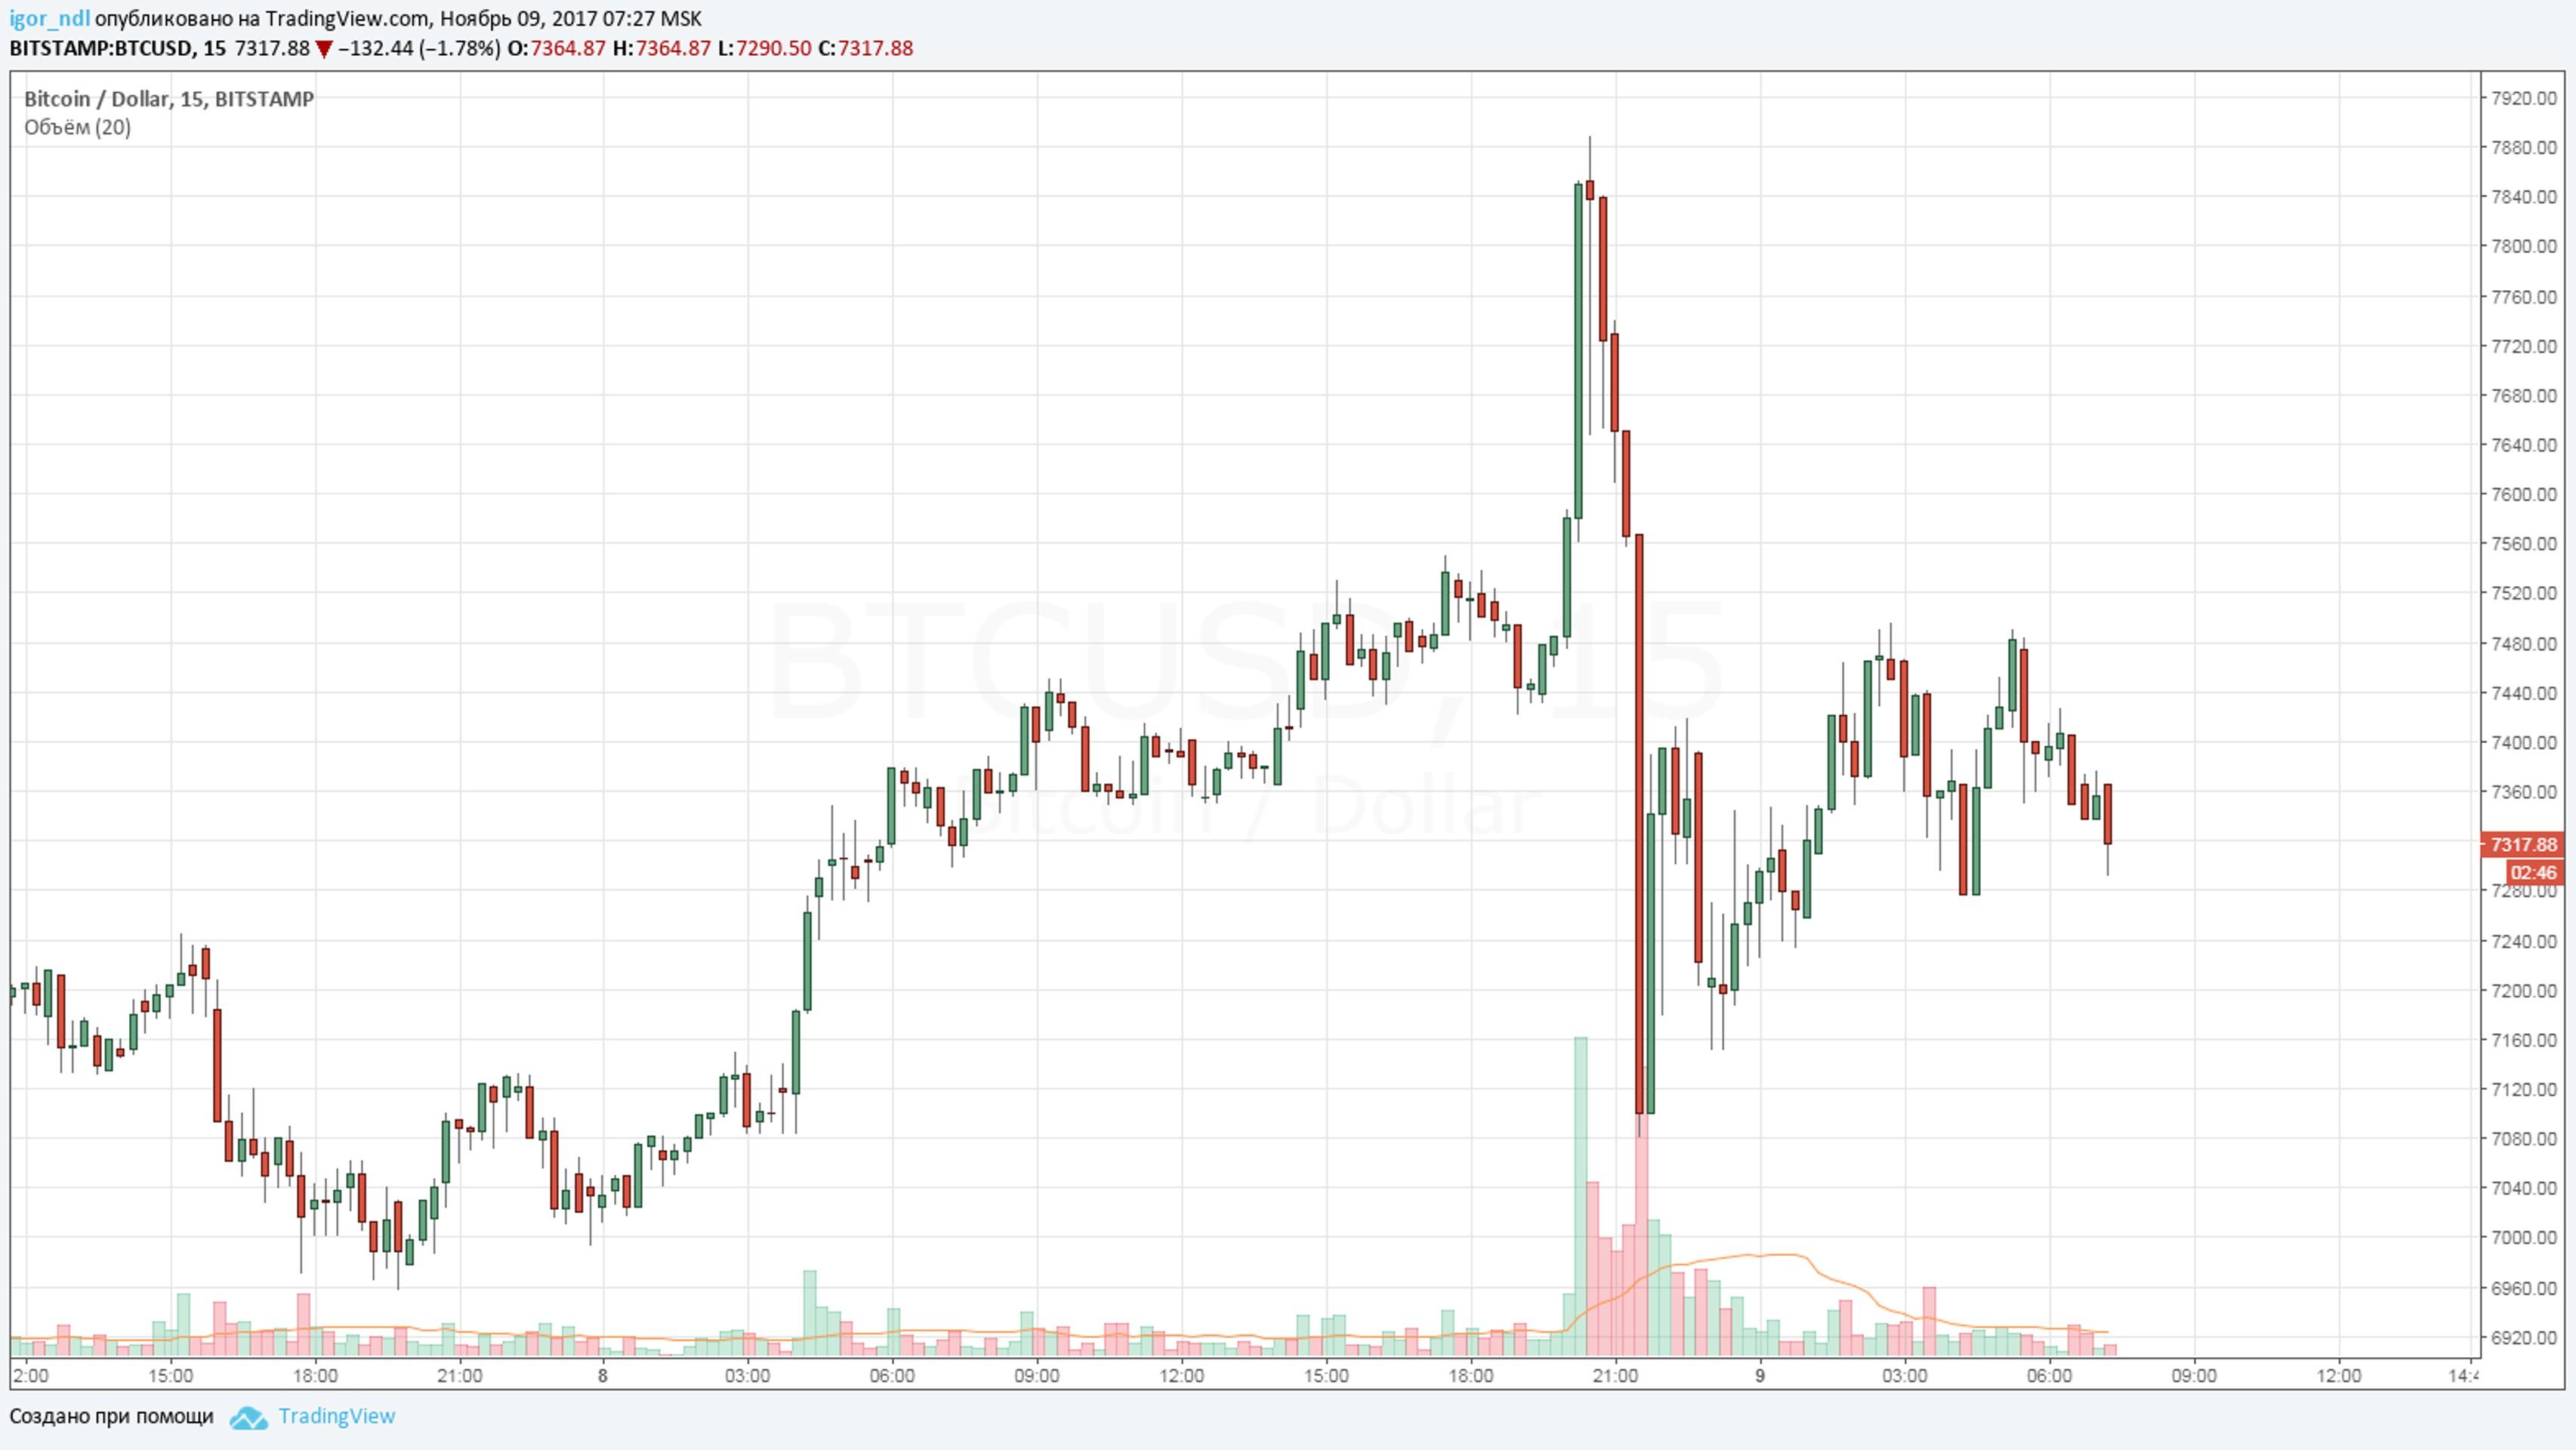 Криптохаос: биткоин охватила паника